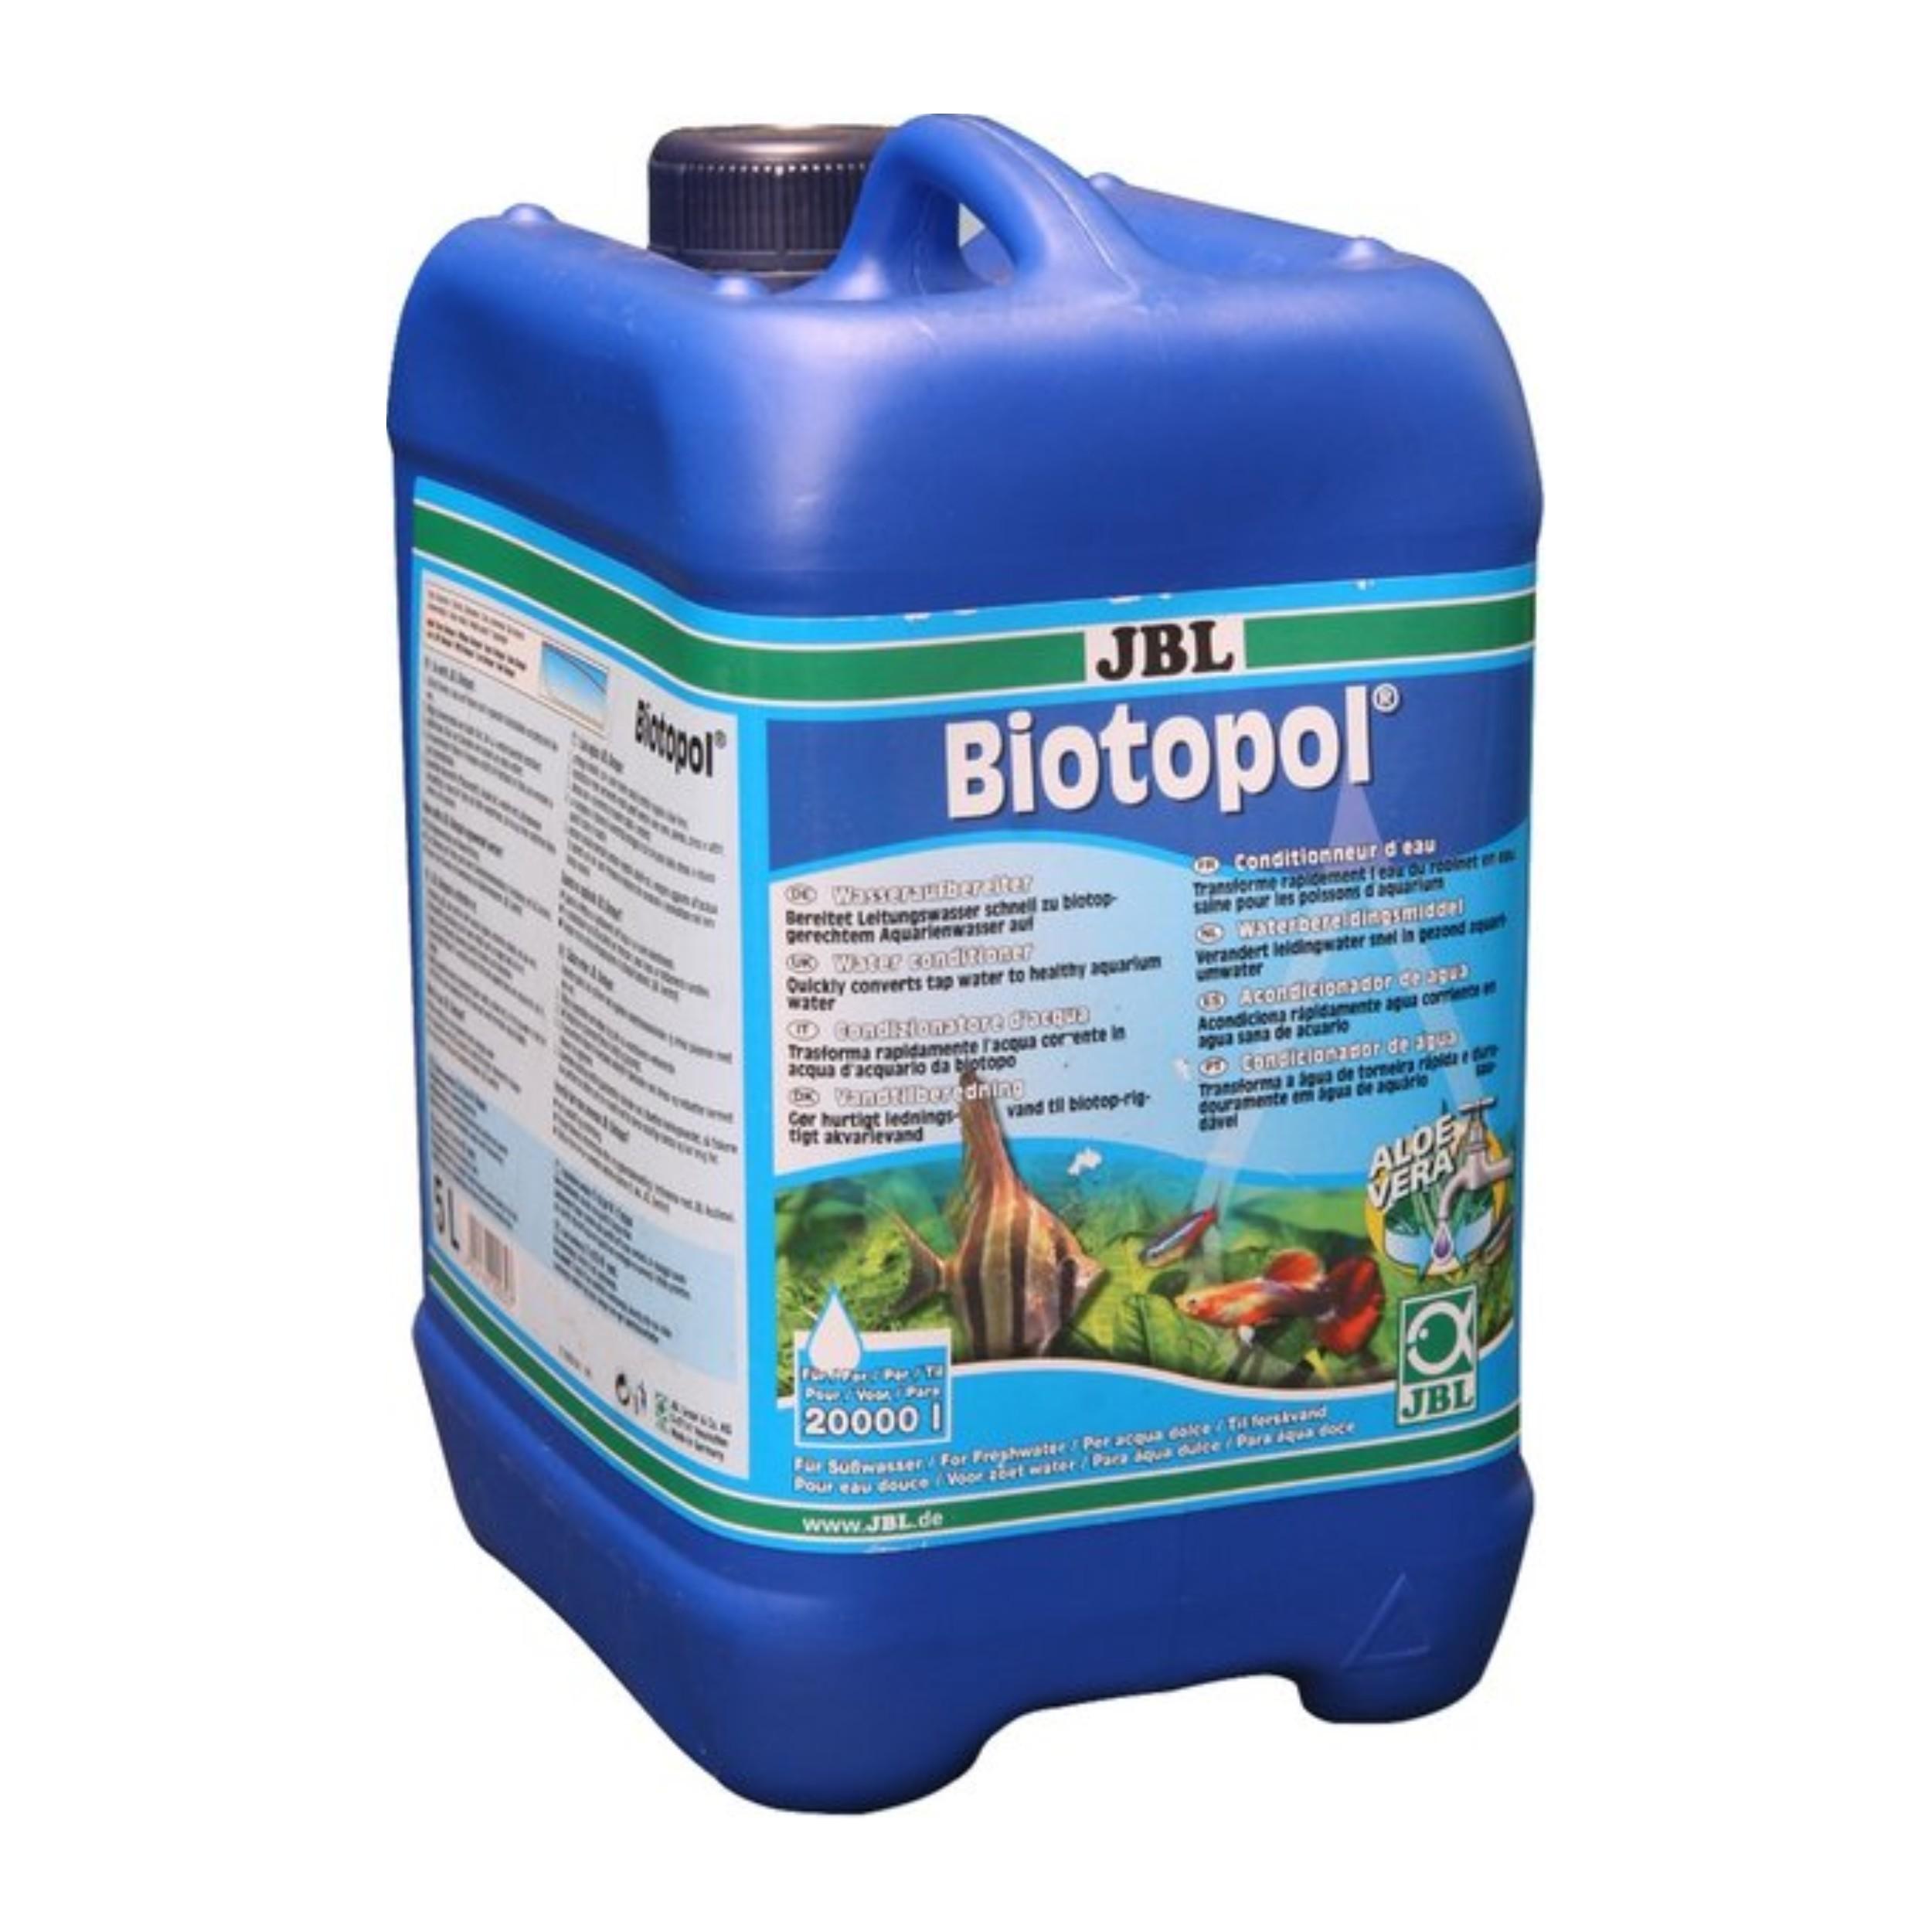 JBL BIOTOPOL 500 мл/2000L. Следования. Antychlór